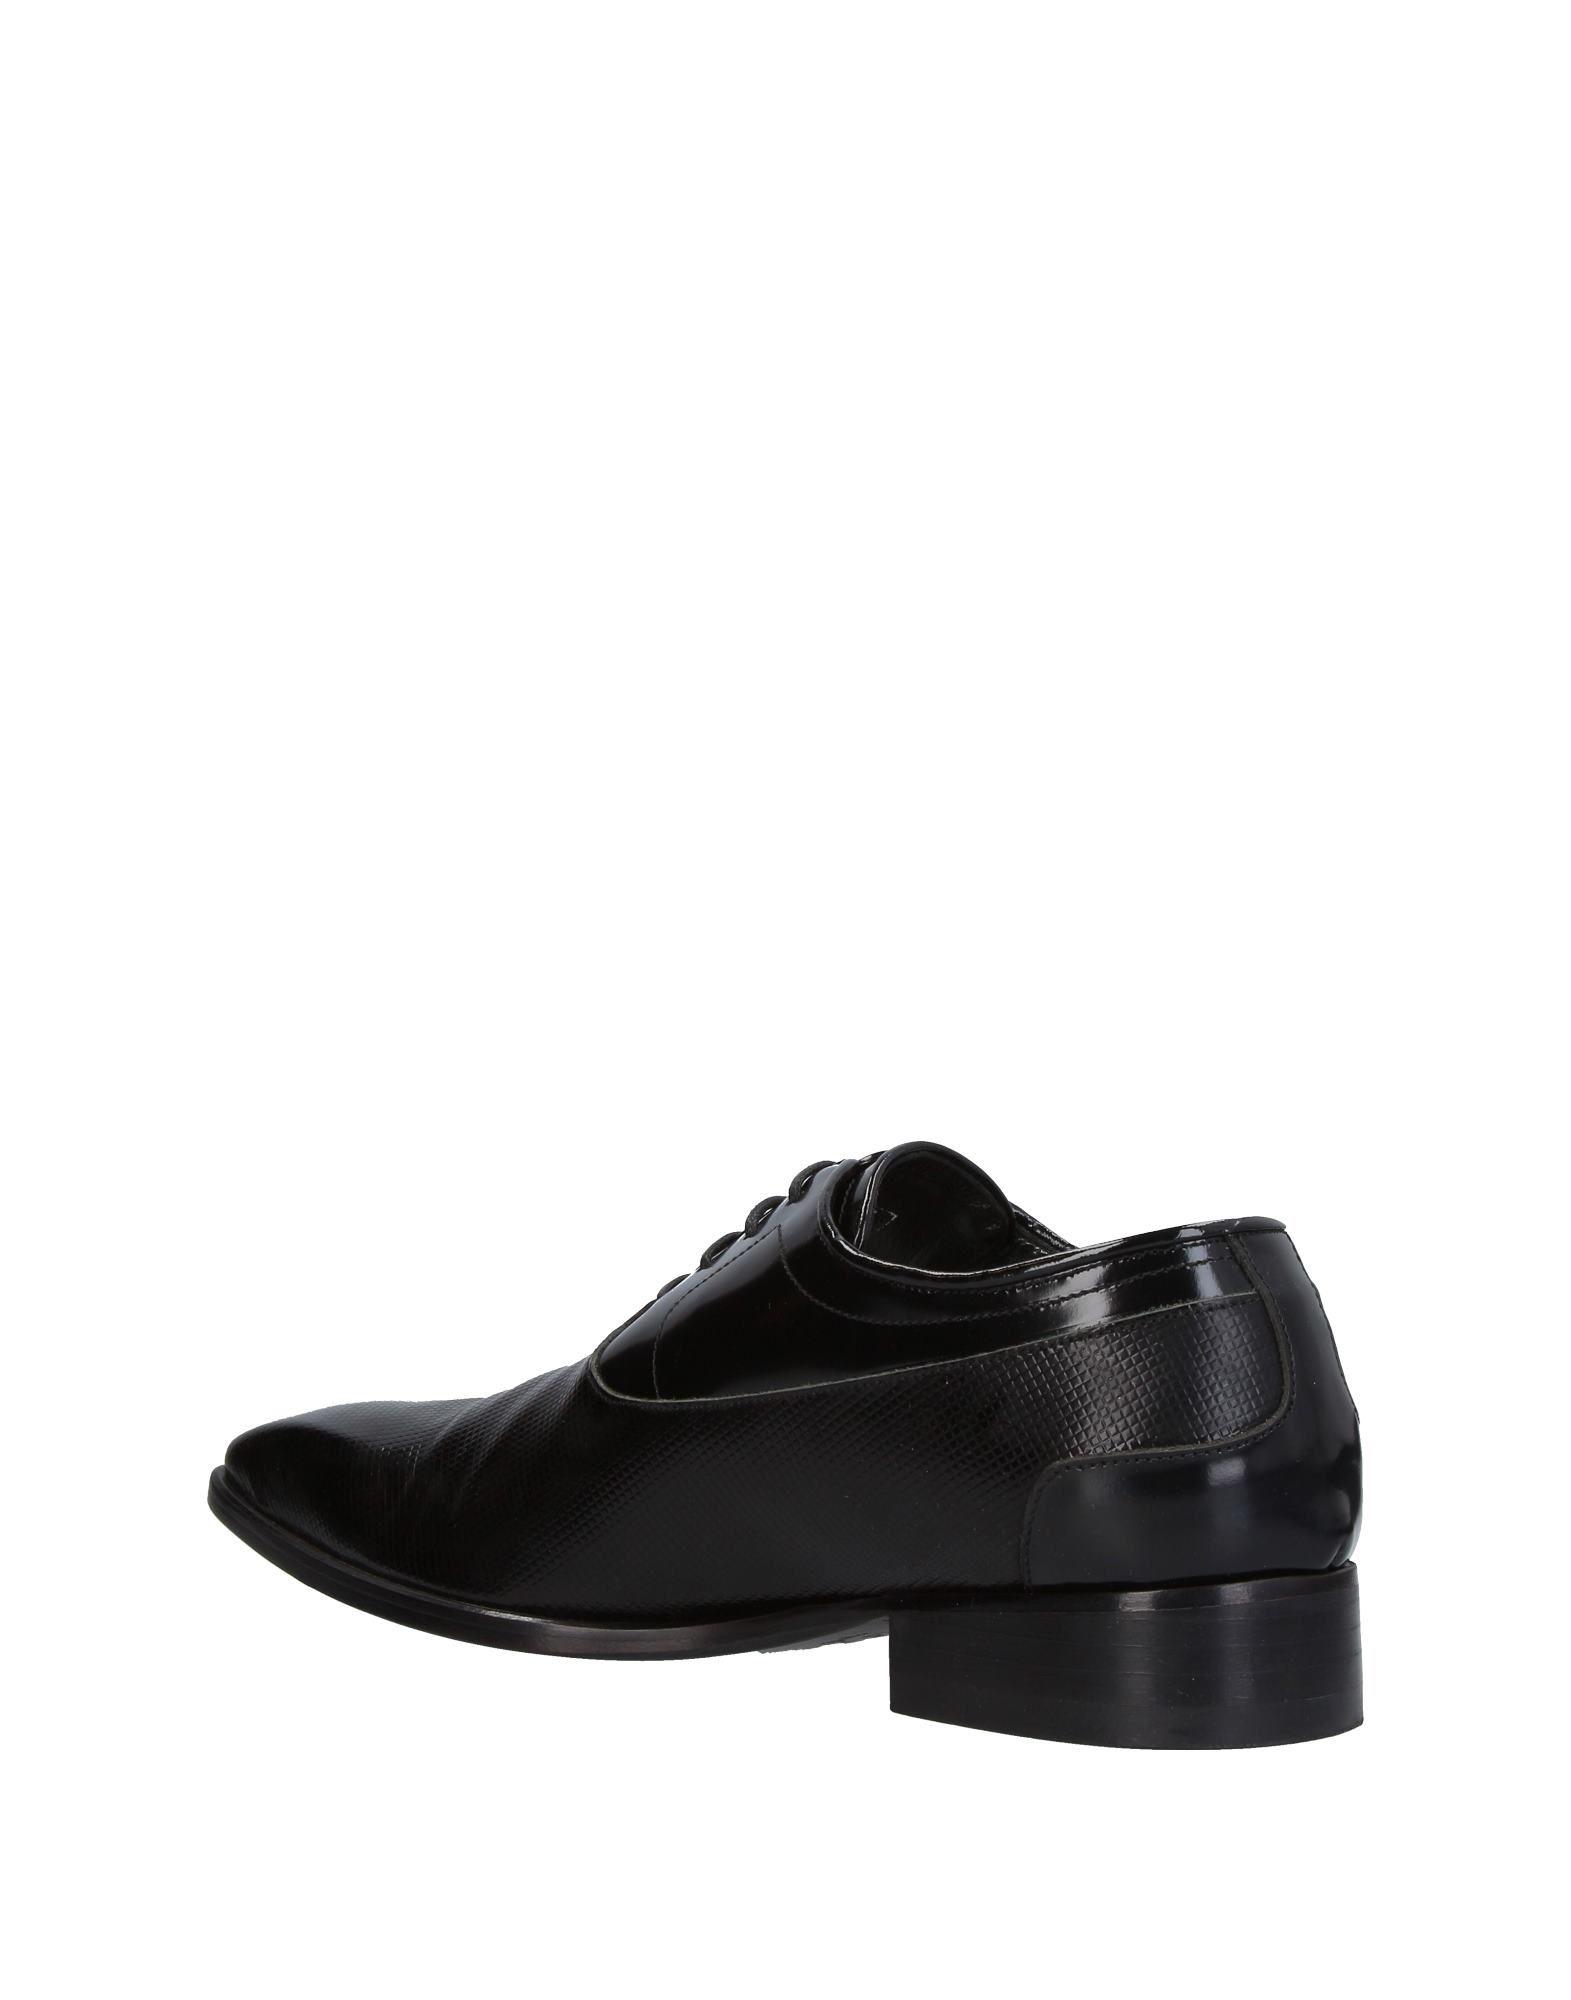 Rabatt echte Schuhe Carlo Pignatelli Herren Schnürschuhe Herren Pignatelli  11415323DC e7a231